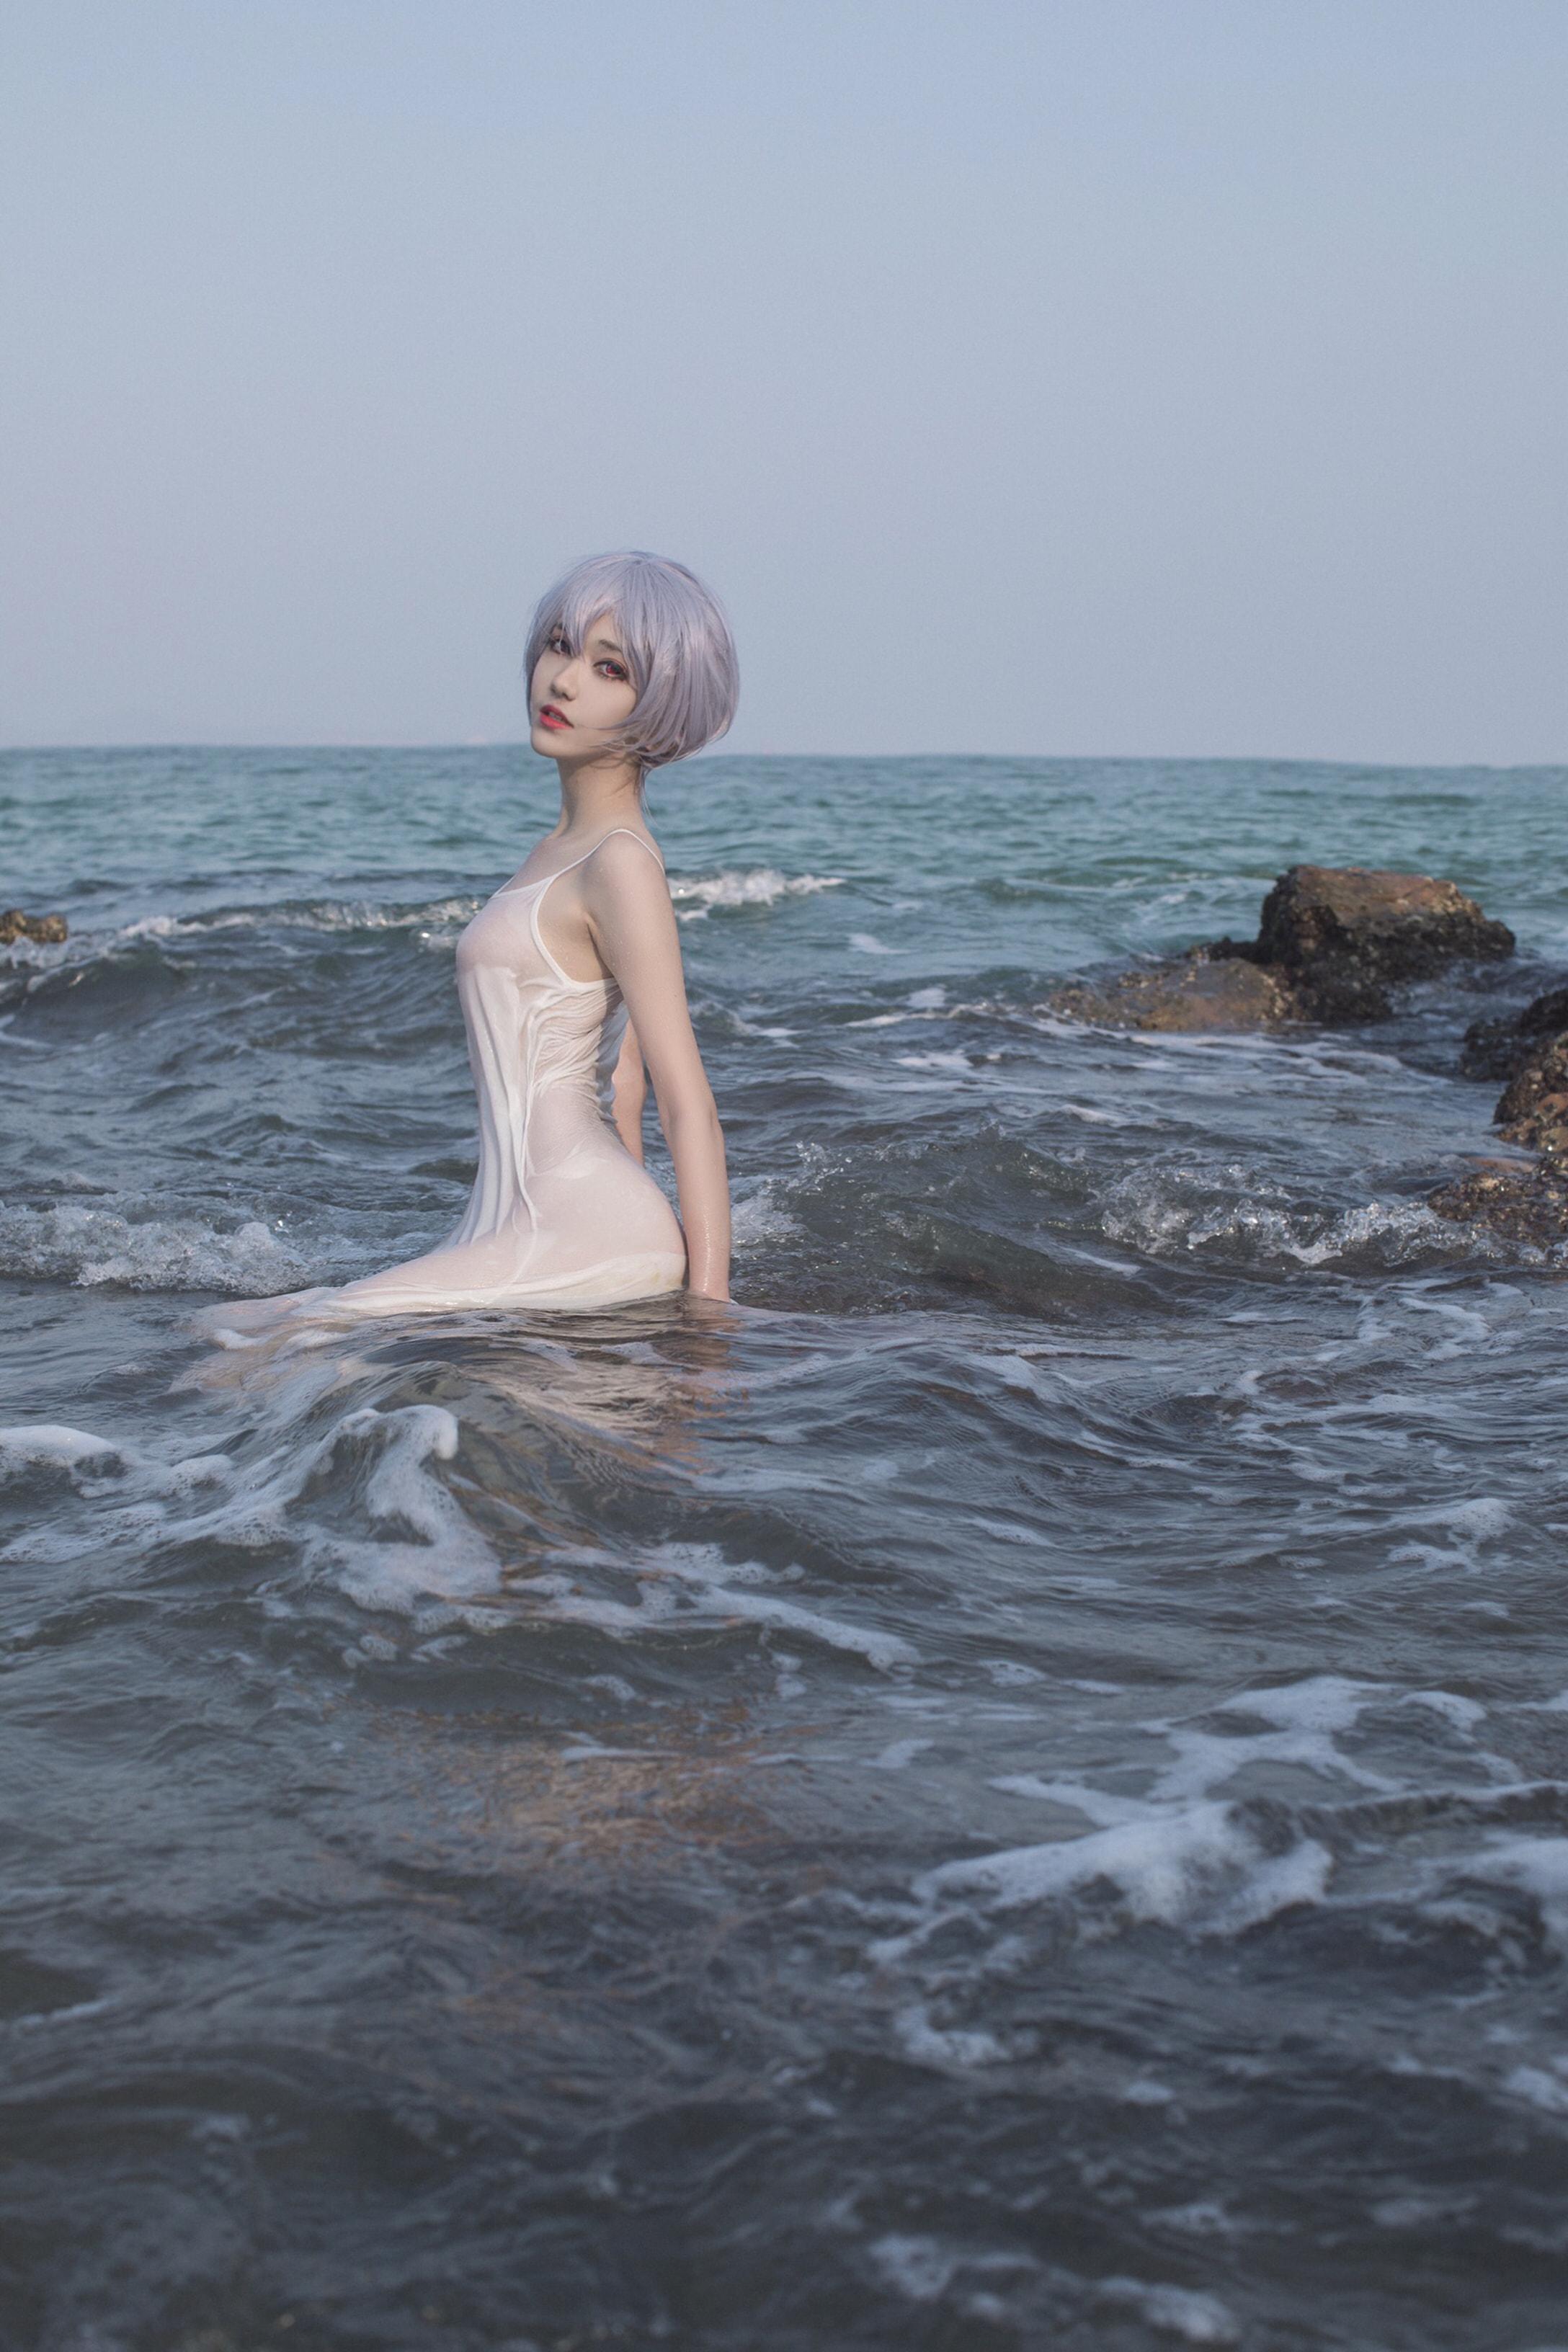 [南桃Momoko]绫波丽白裙